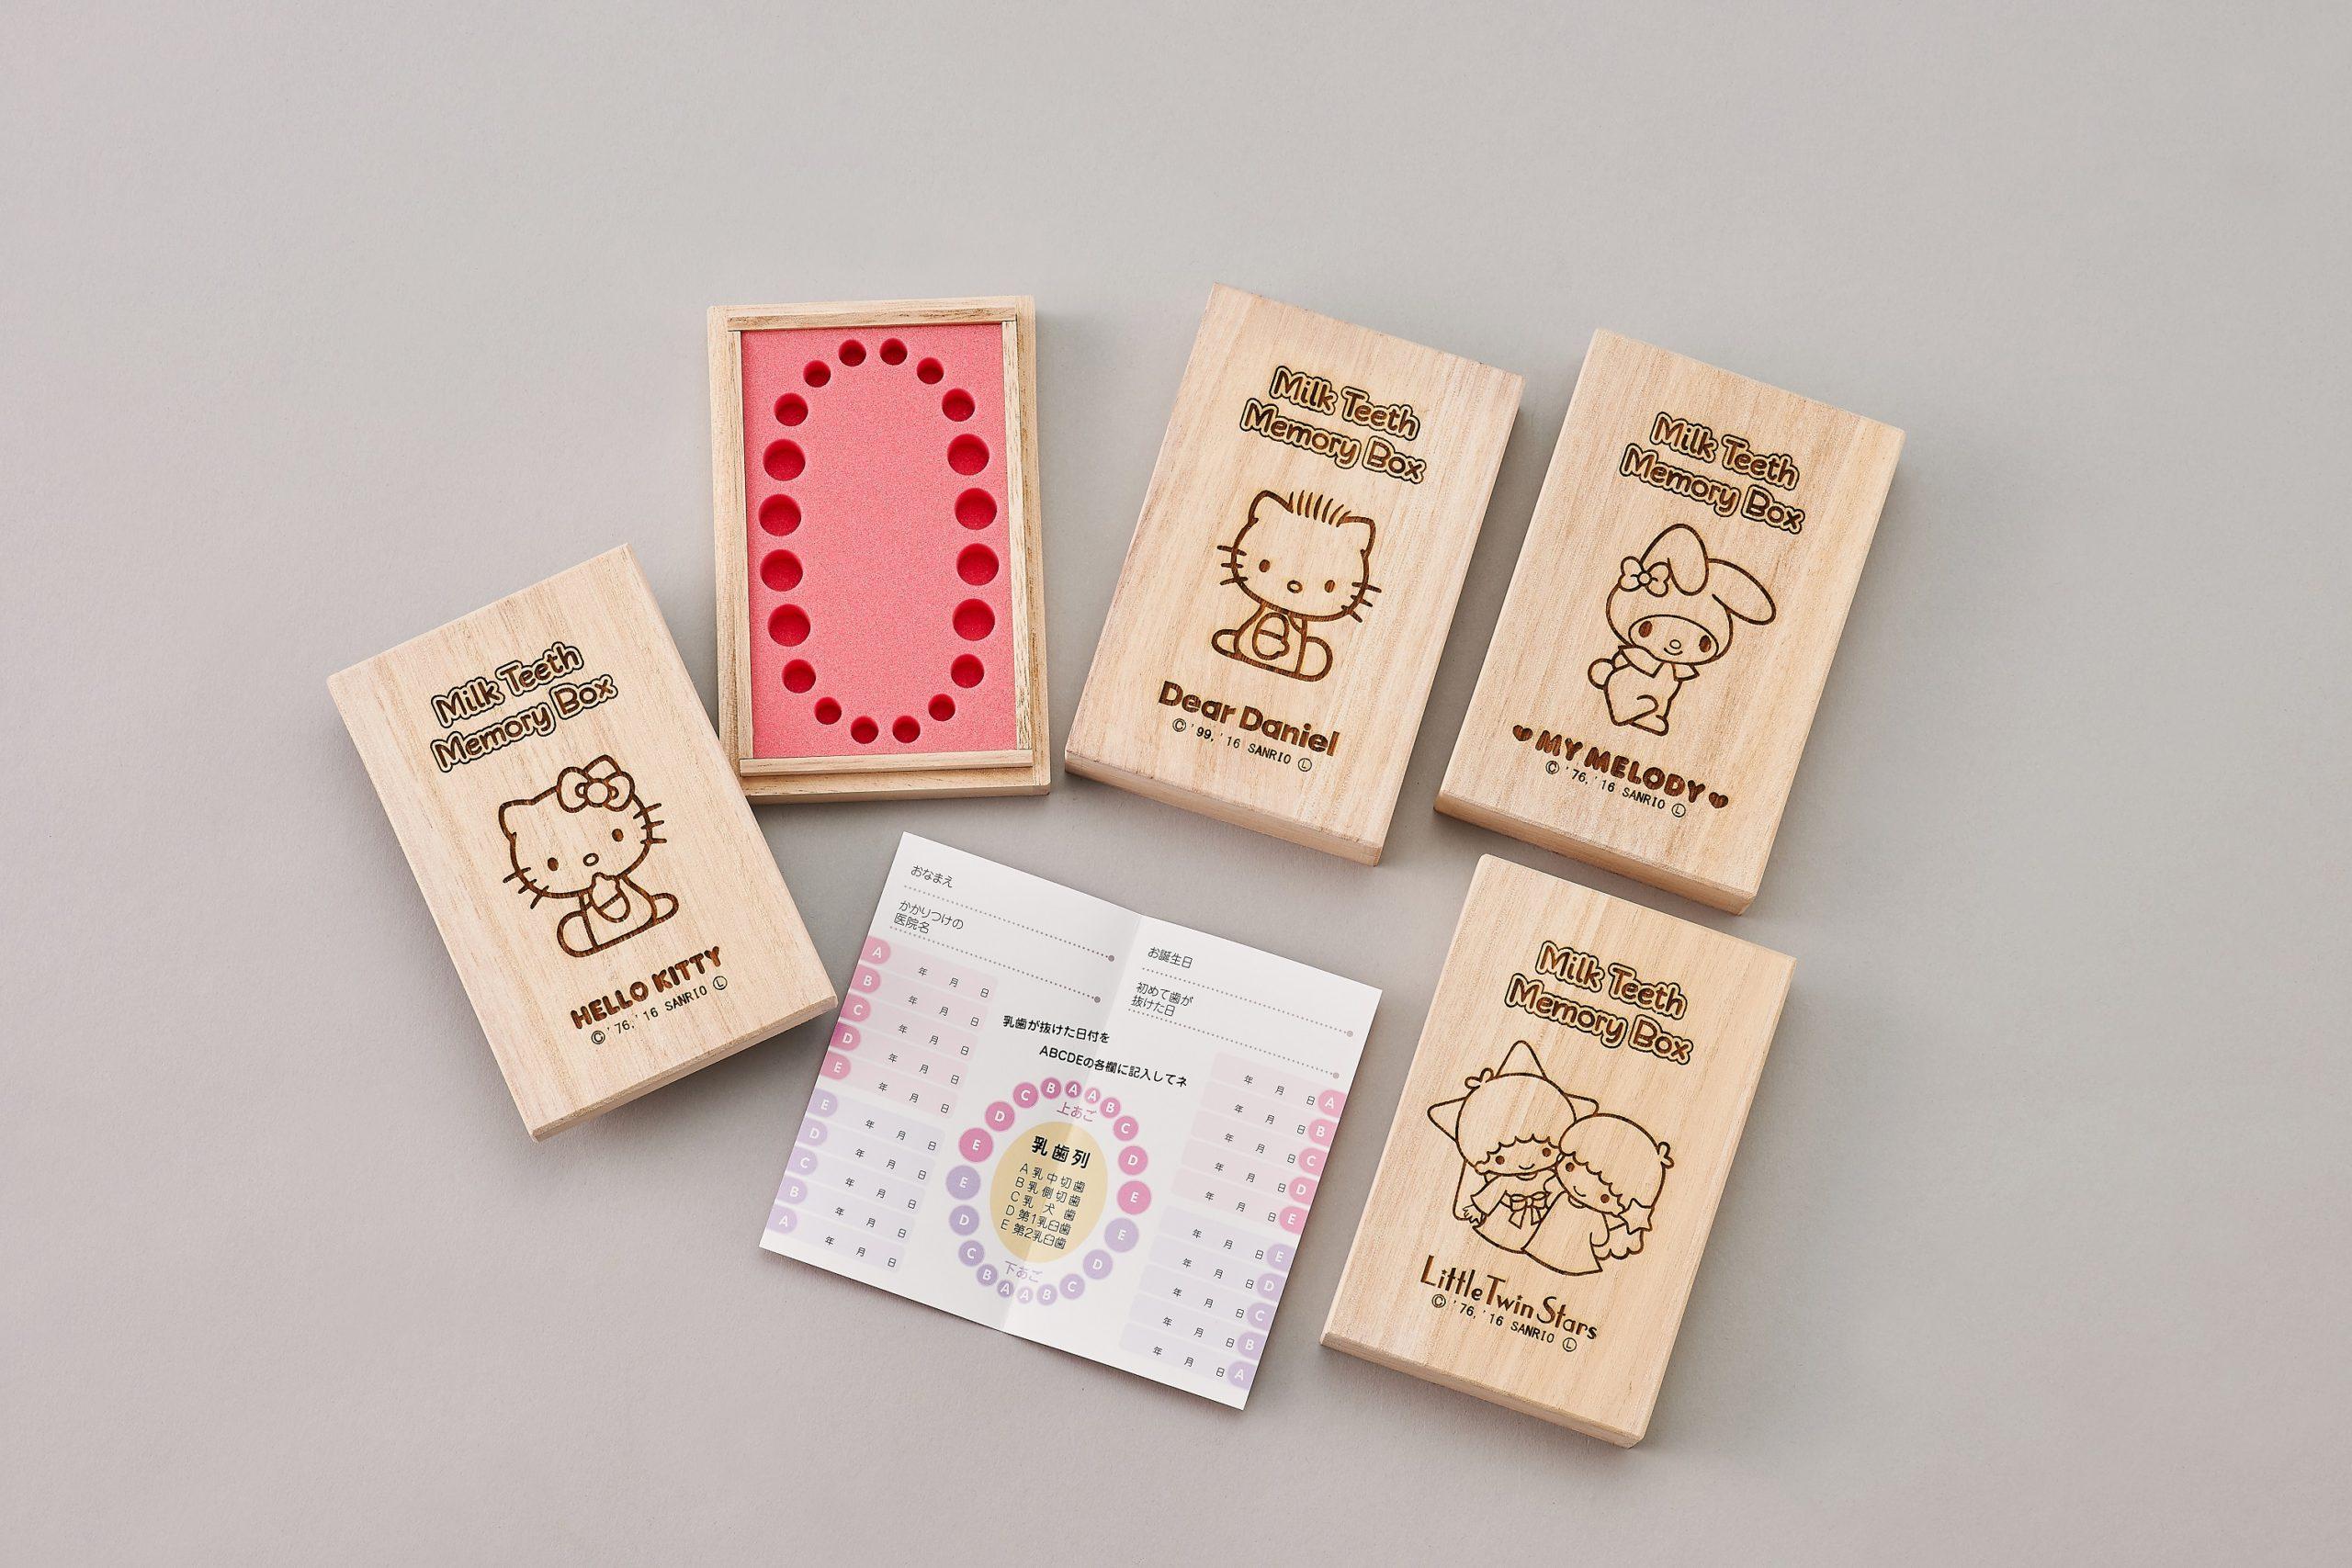 サンリオキャラクターズ ミルクティースメモリーボックス 桐箱乳歯列ボックスの写真